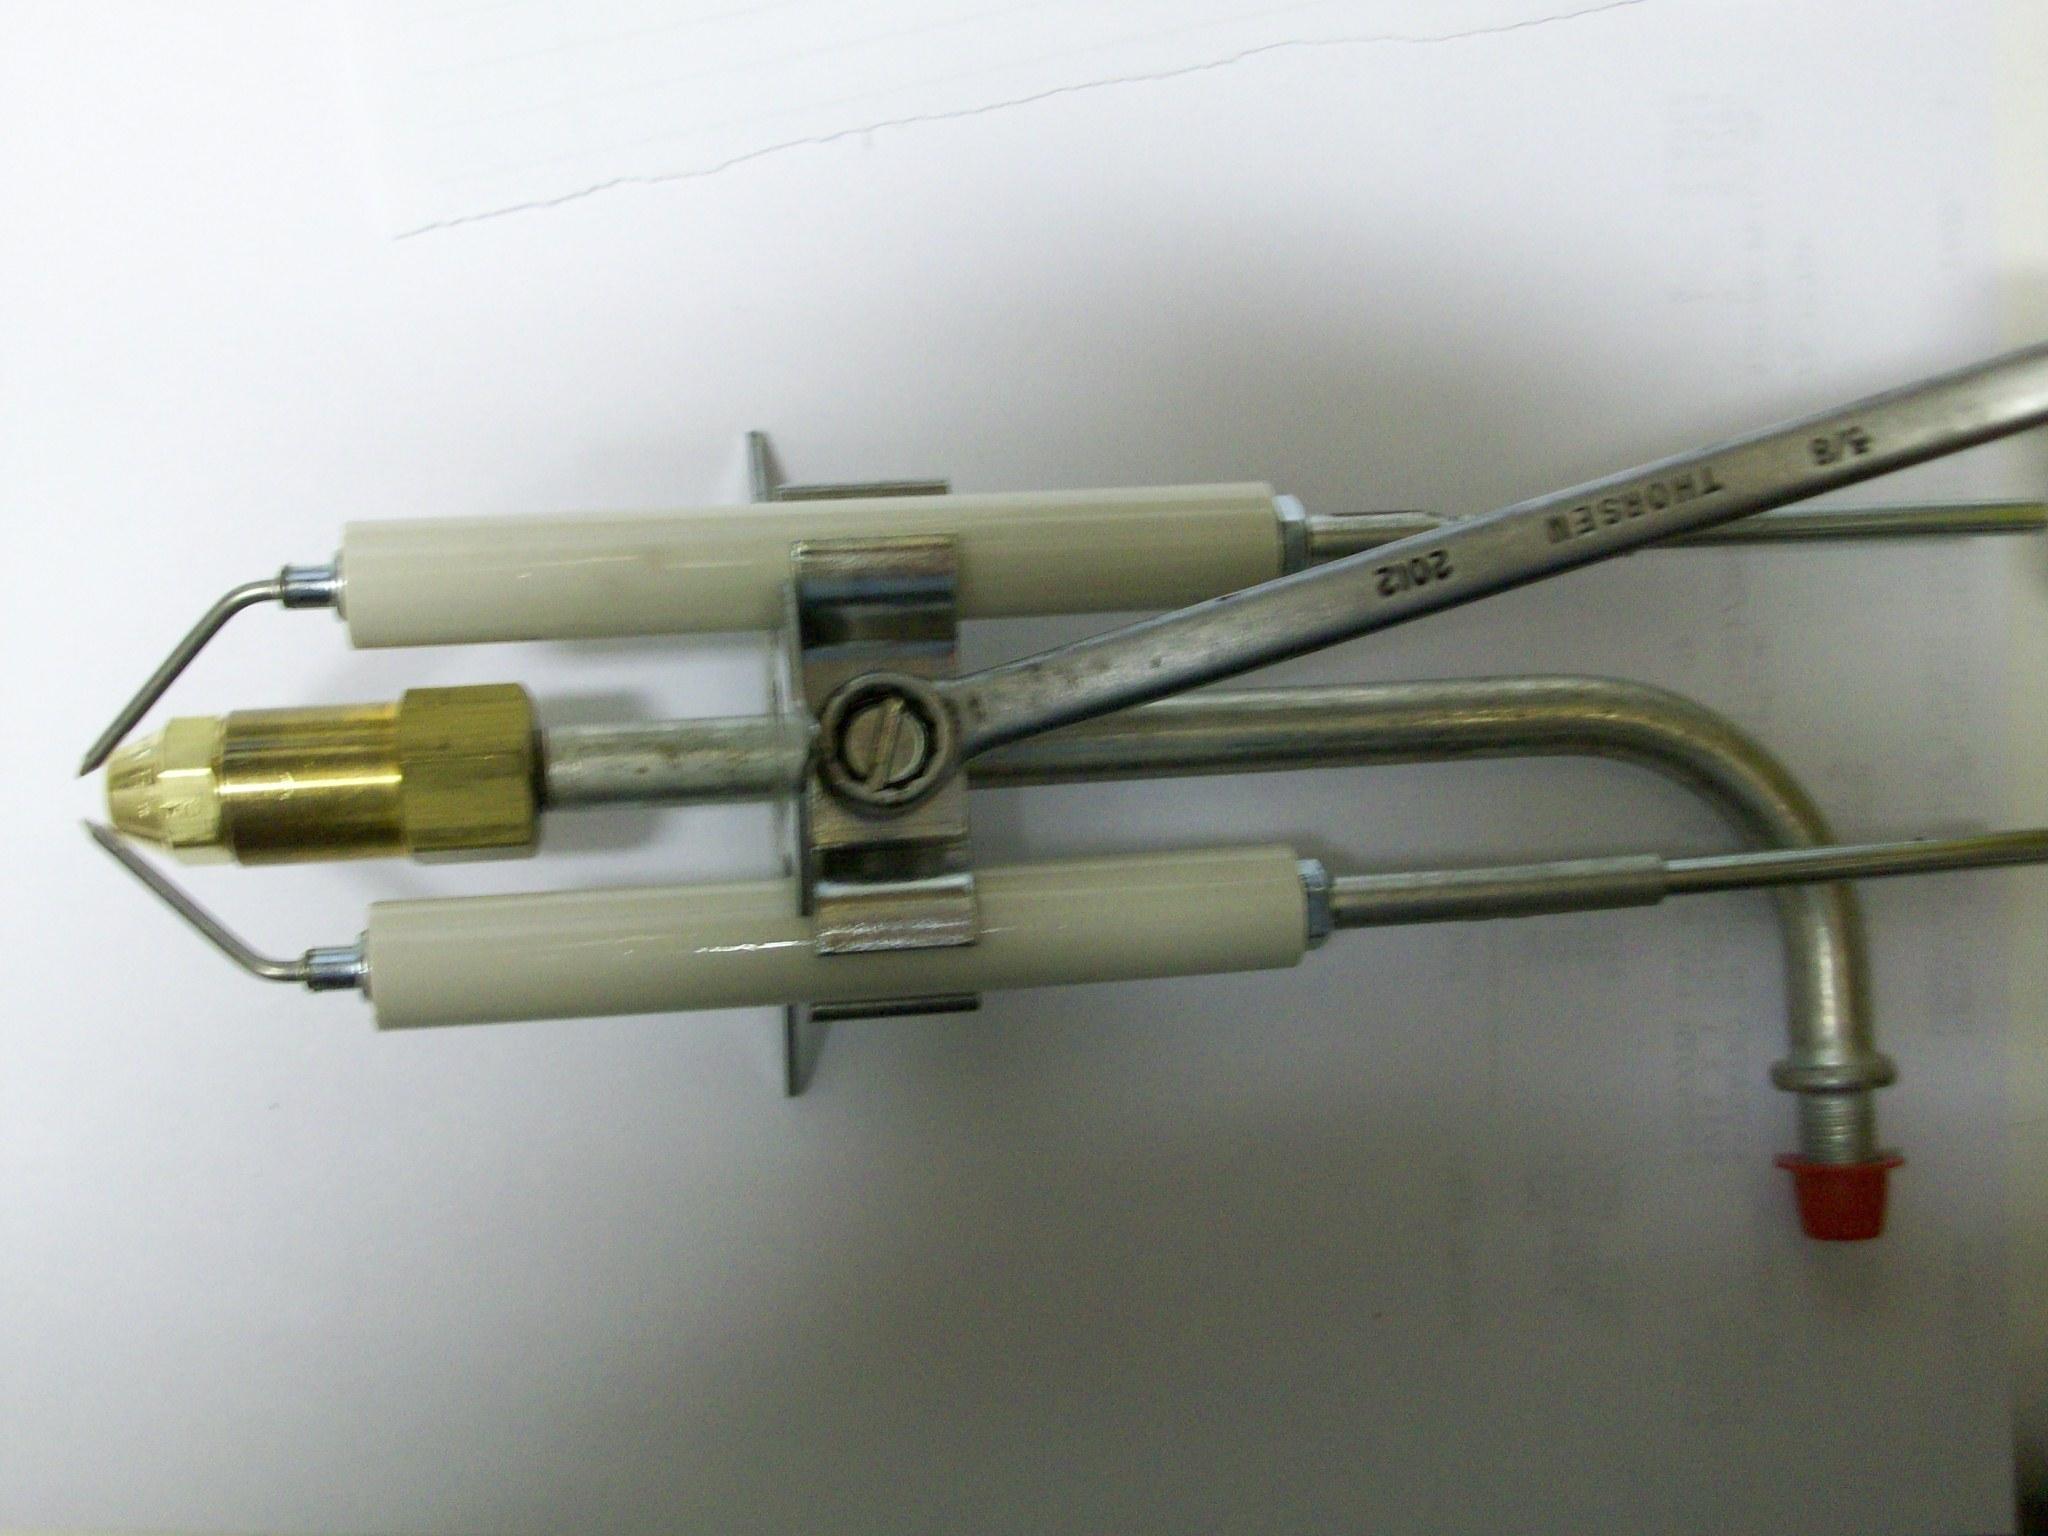 Adjusting Electrodes